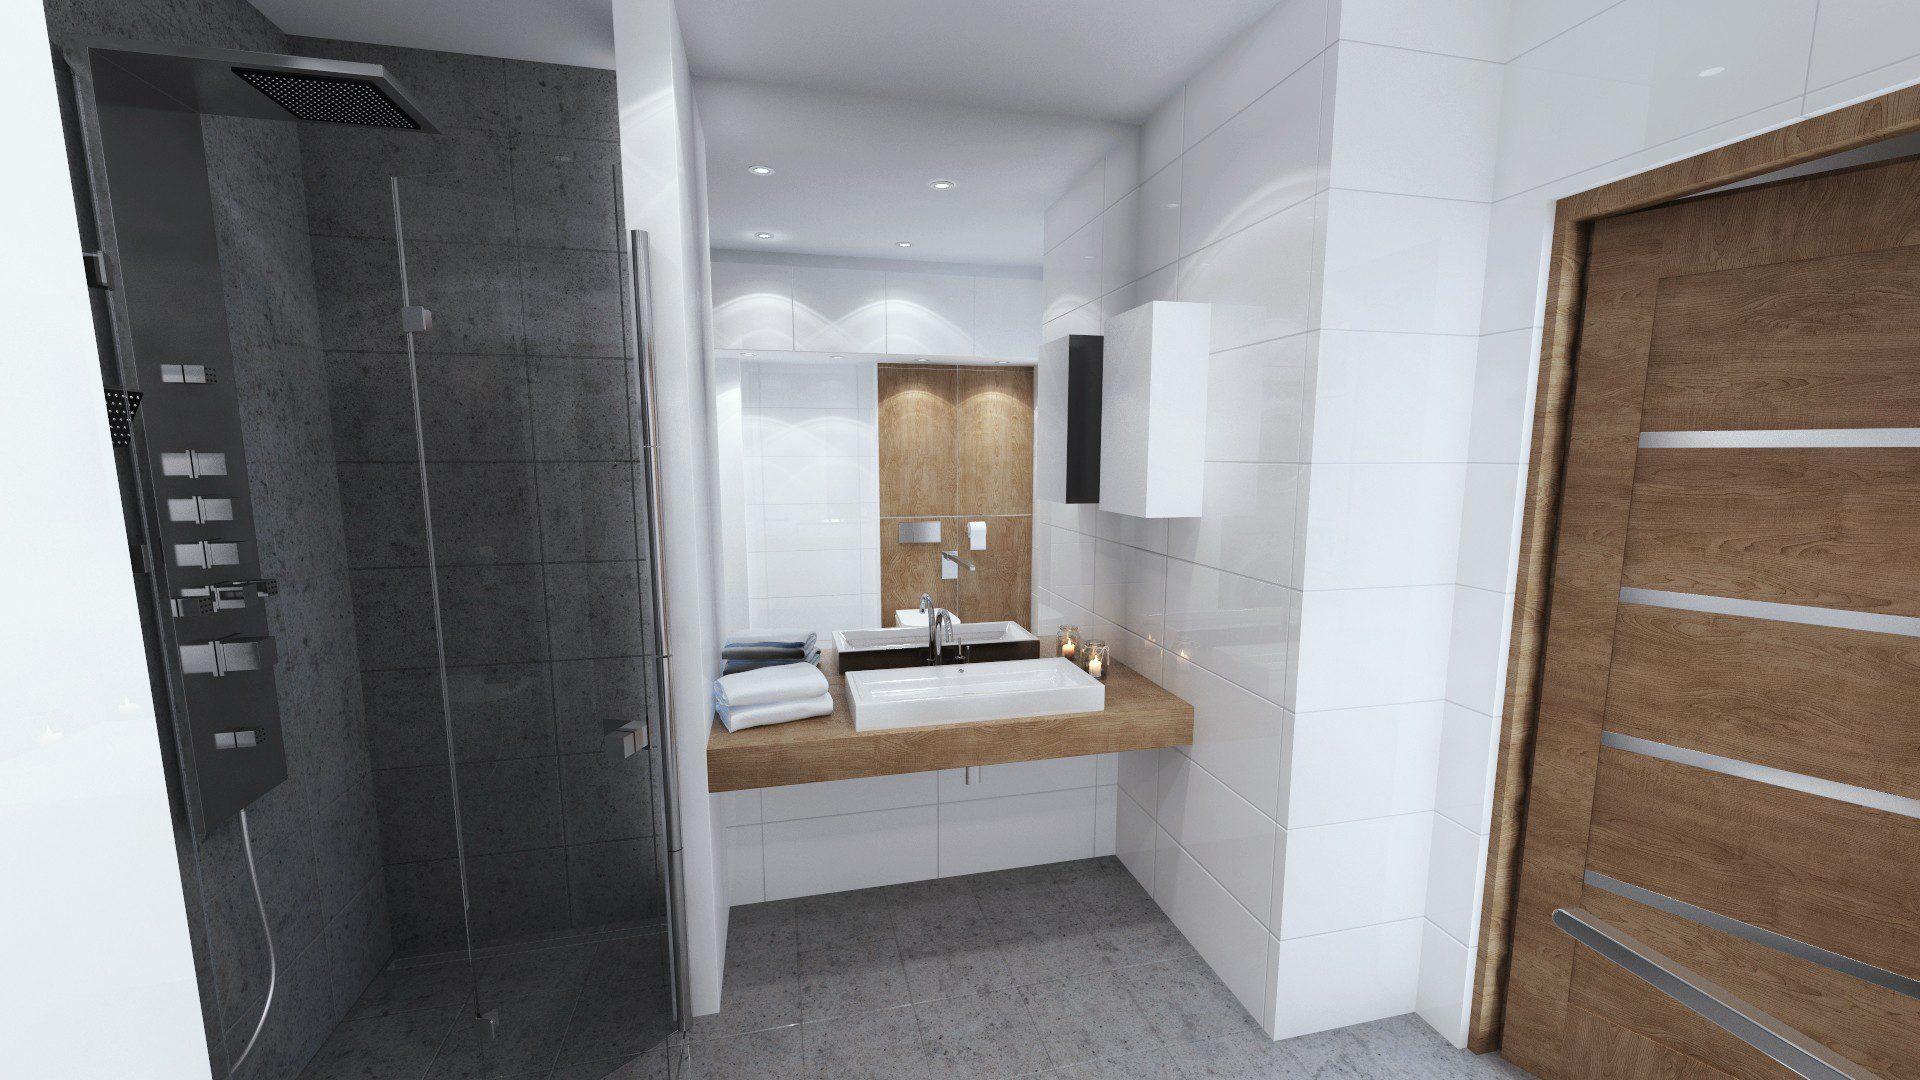 biała, jasna łazienka w mieszkaniu